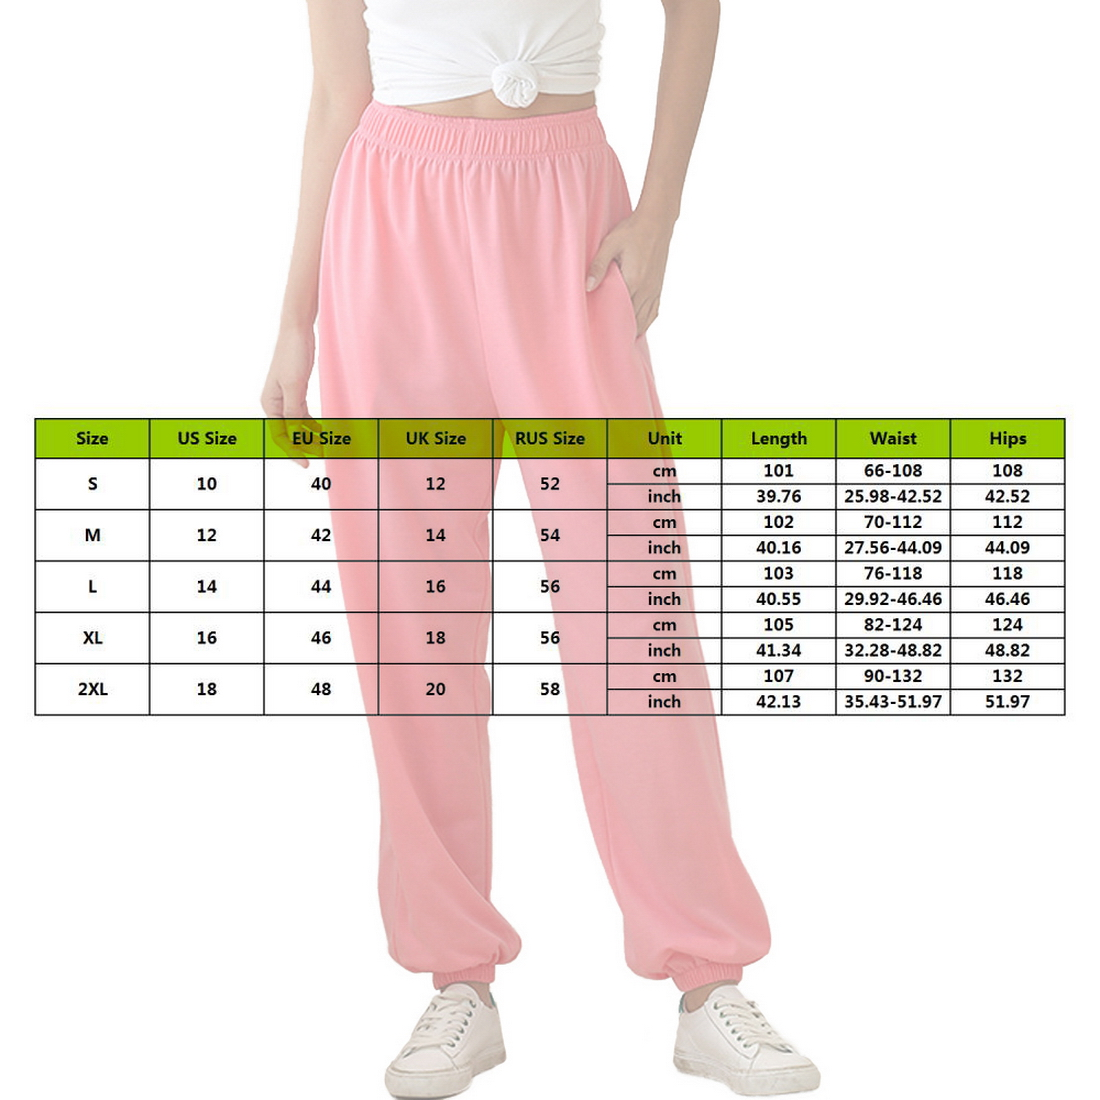 Excelente calidad de los joggers sueltos de cintura alta.